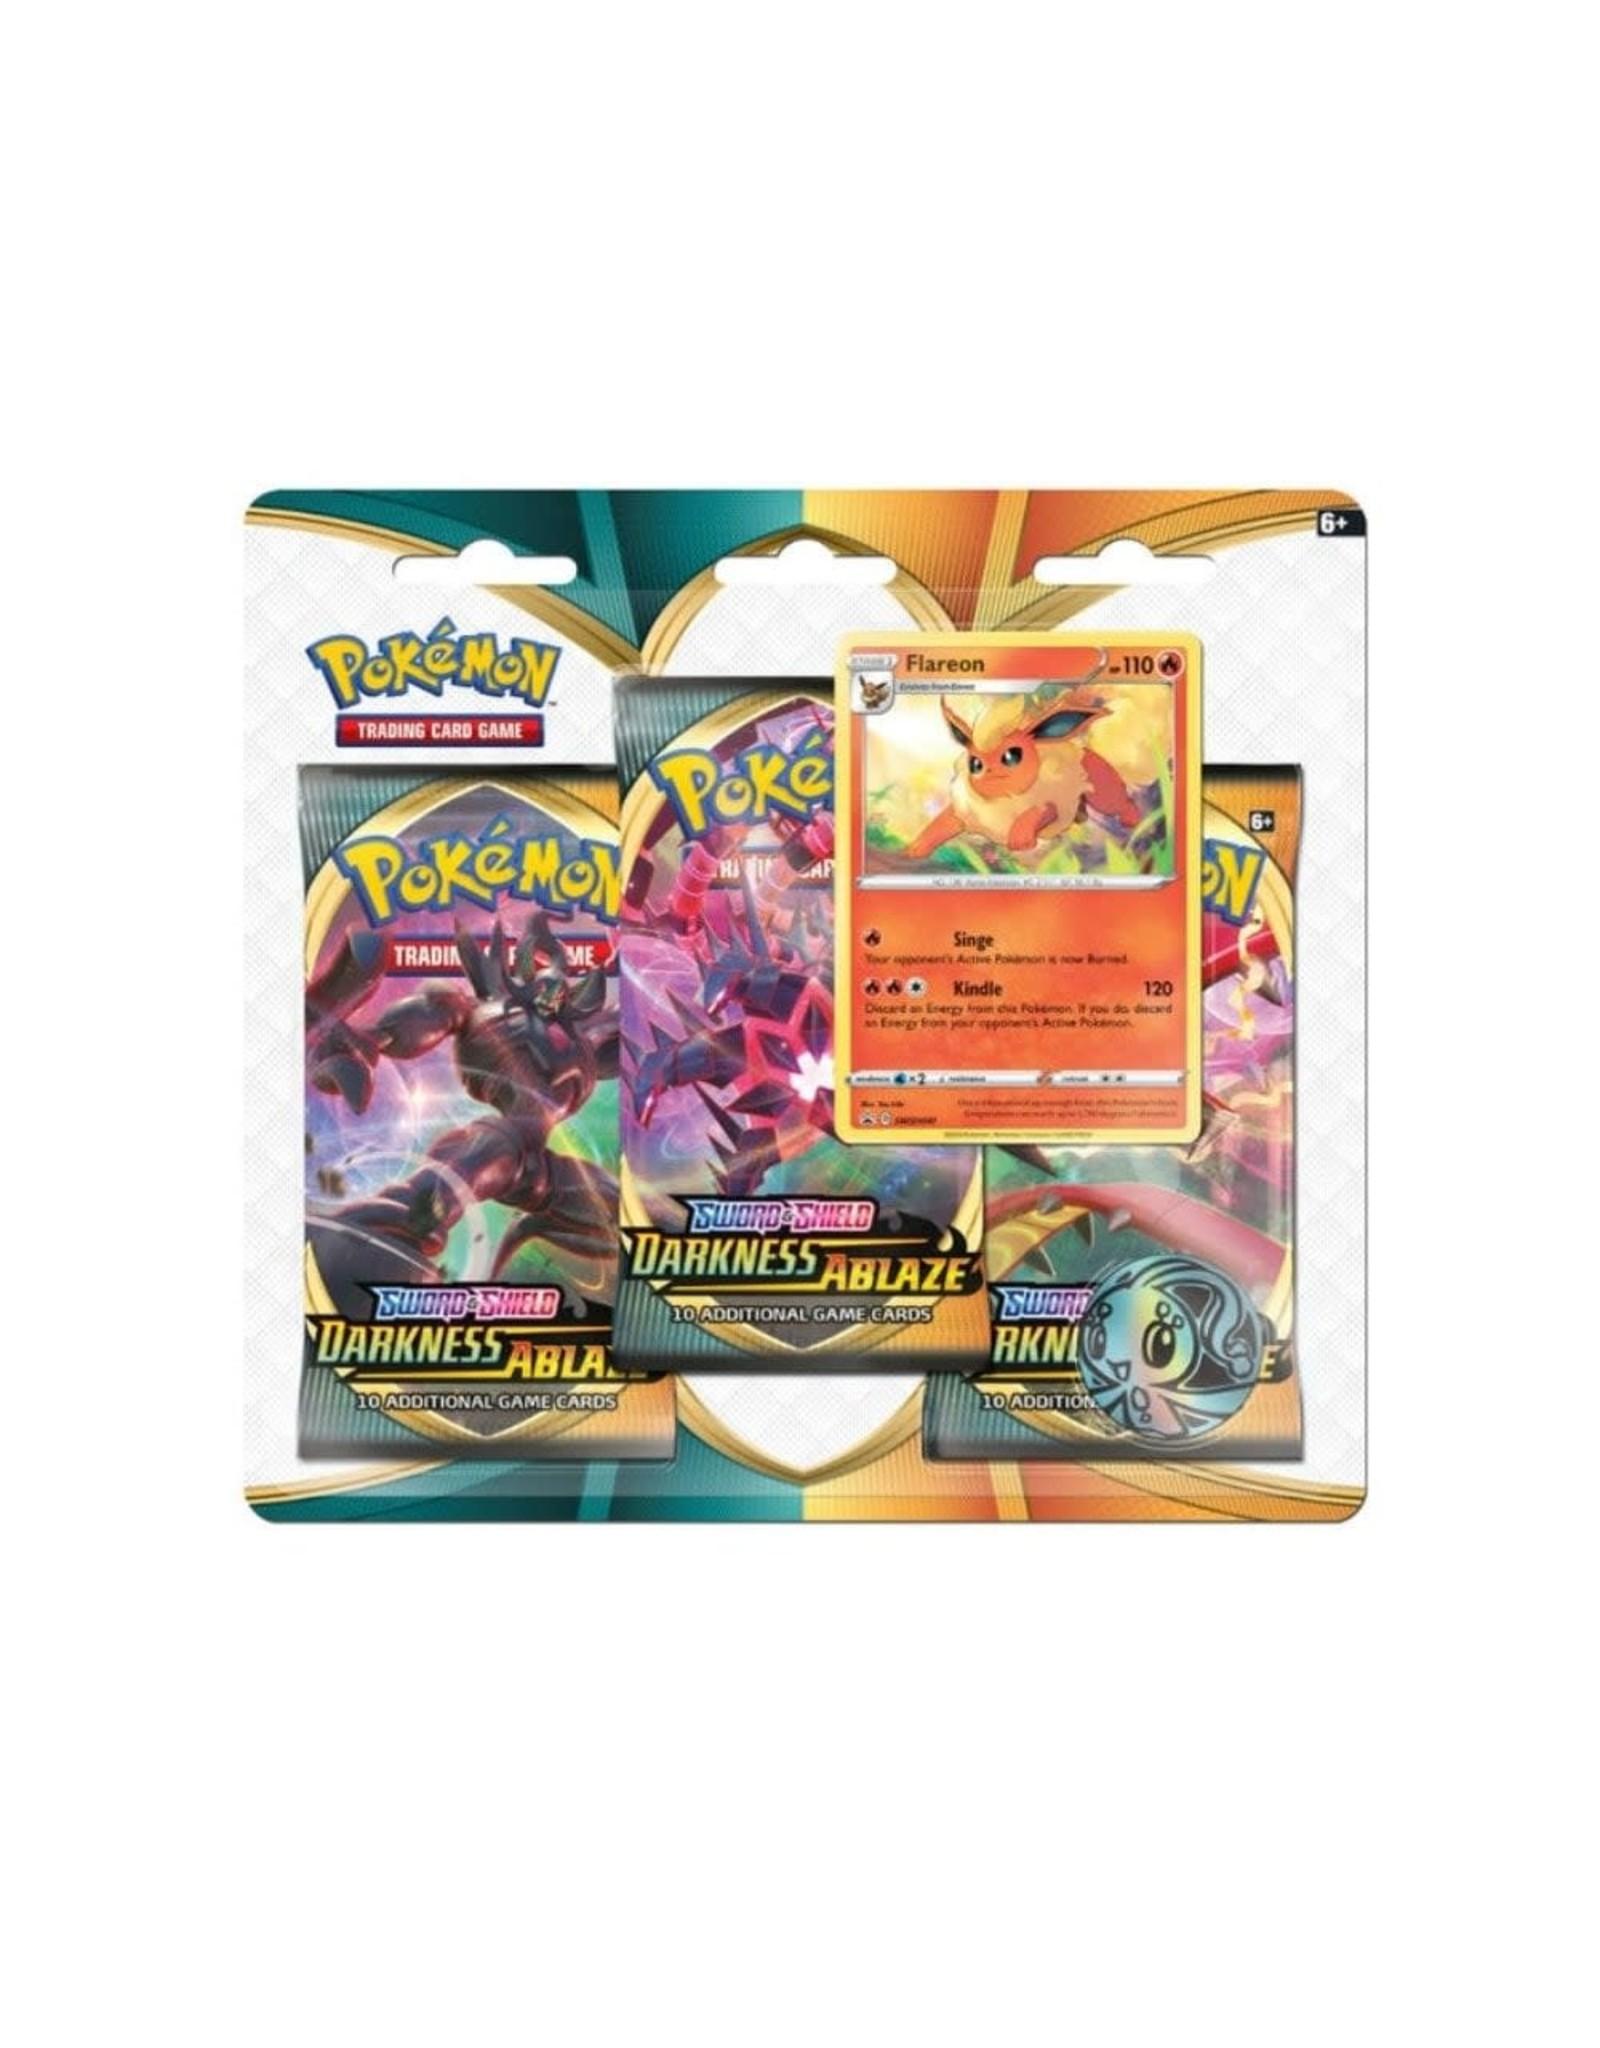 Pokémon Pokémon Darkness Ablaze 3-Booster Blister Pack